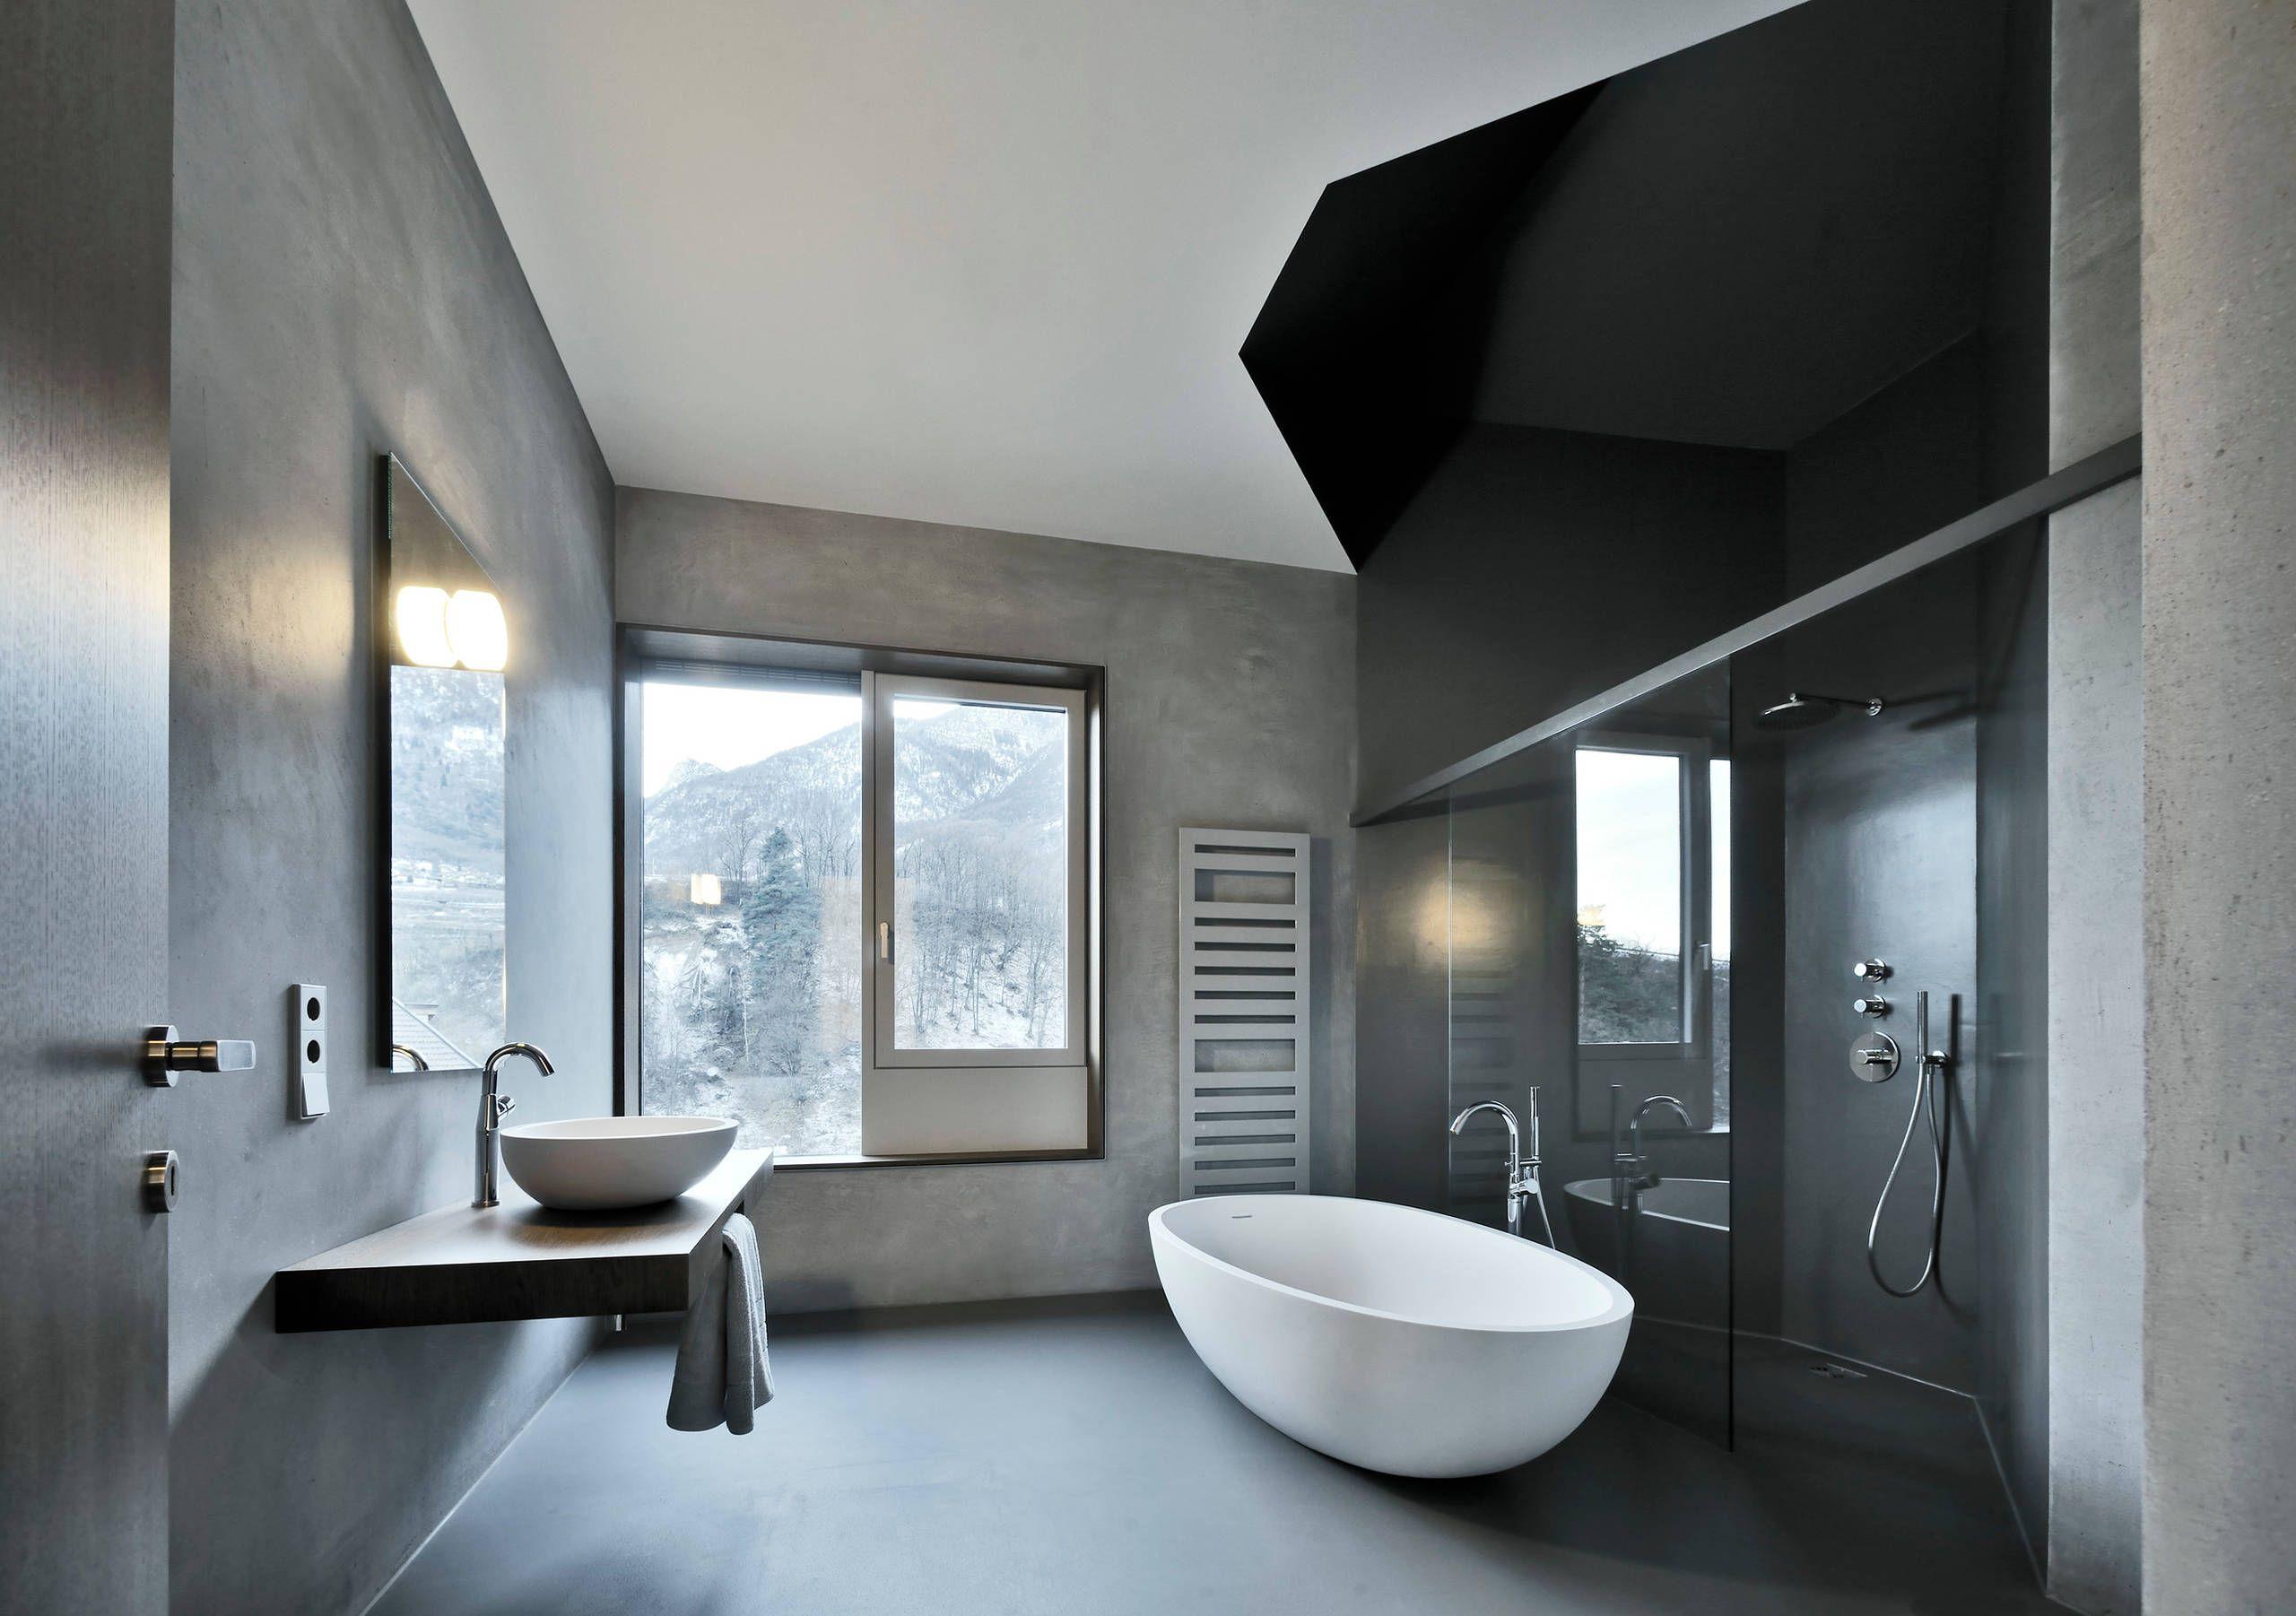 47+ Modern Architectural Bathroom Interior Design Styles